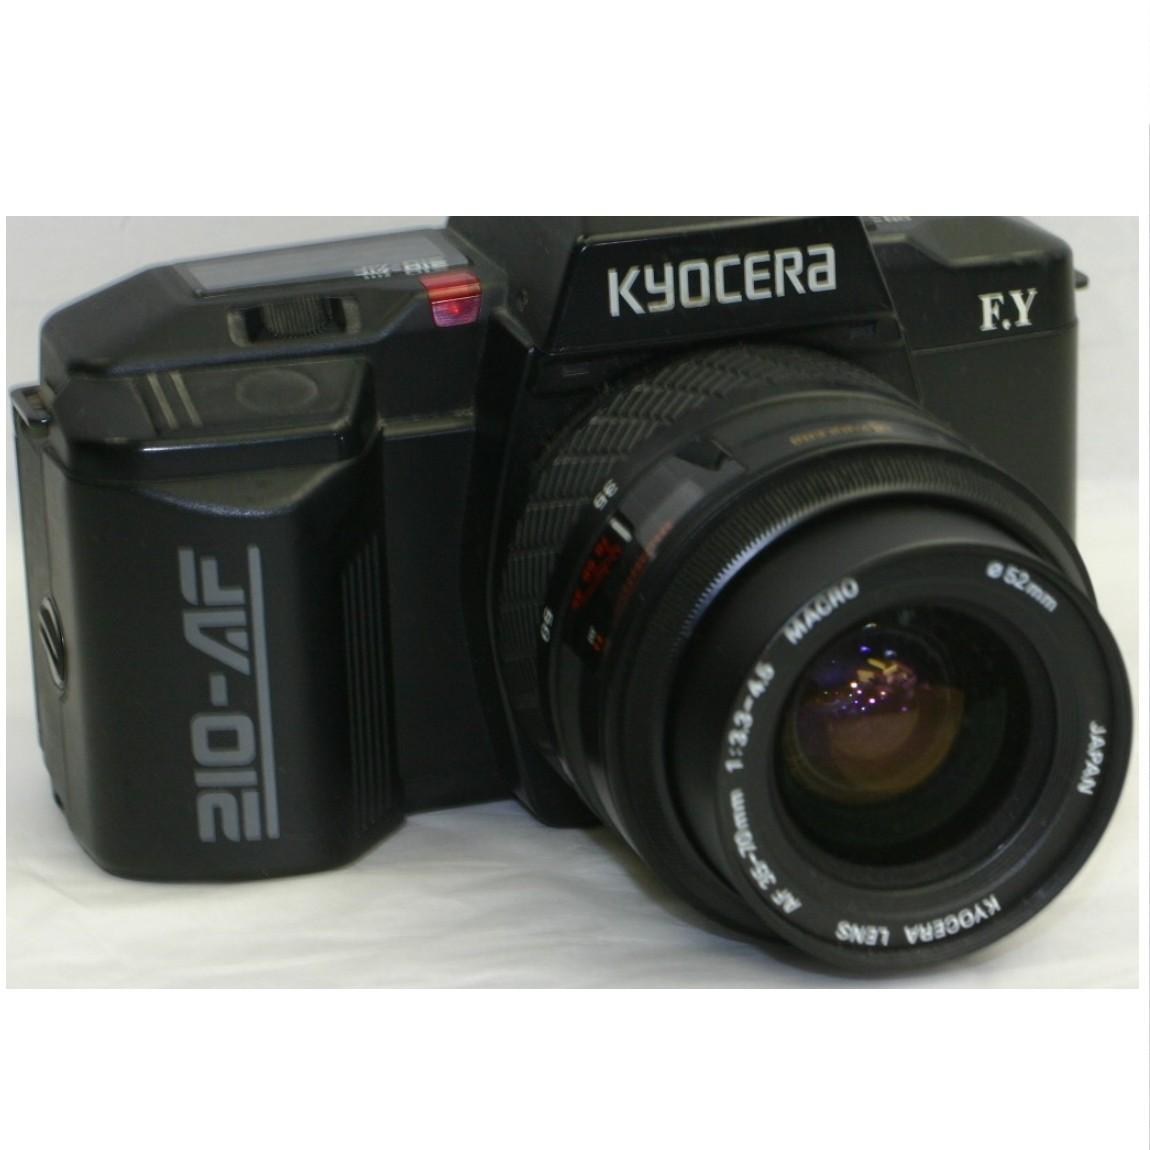 【中古】完動美品キョウセラ35mmフィルム使用ワインダー内臓AFカメラ純正ズームレズ35-70mm付き動作確認済み1ヶ月保証付き 290604-2